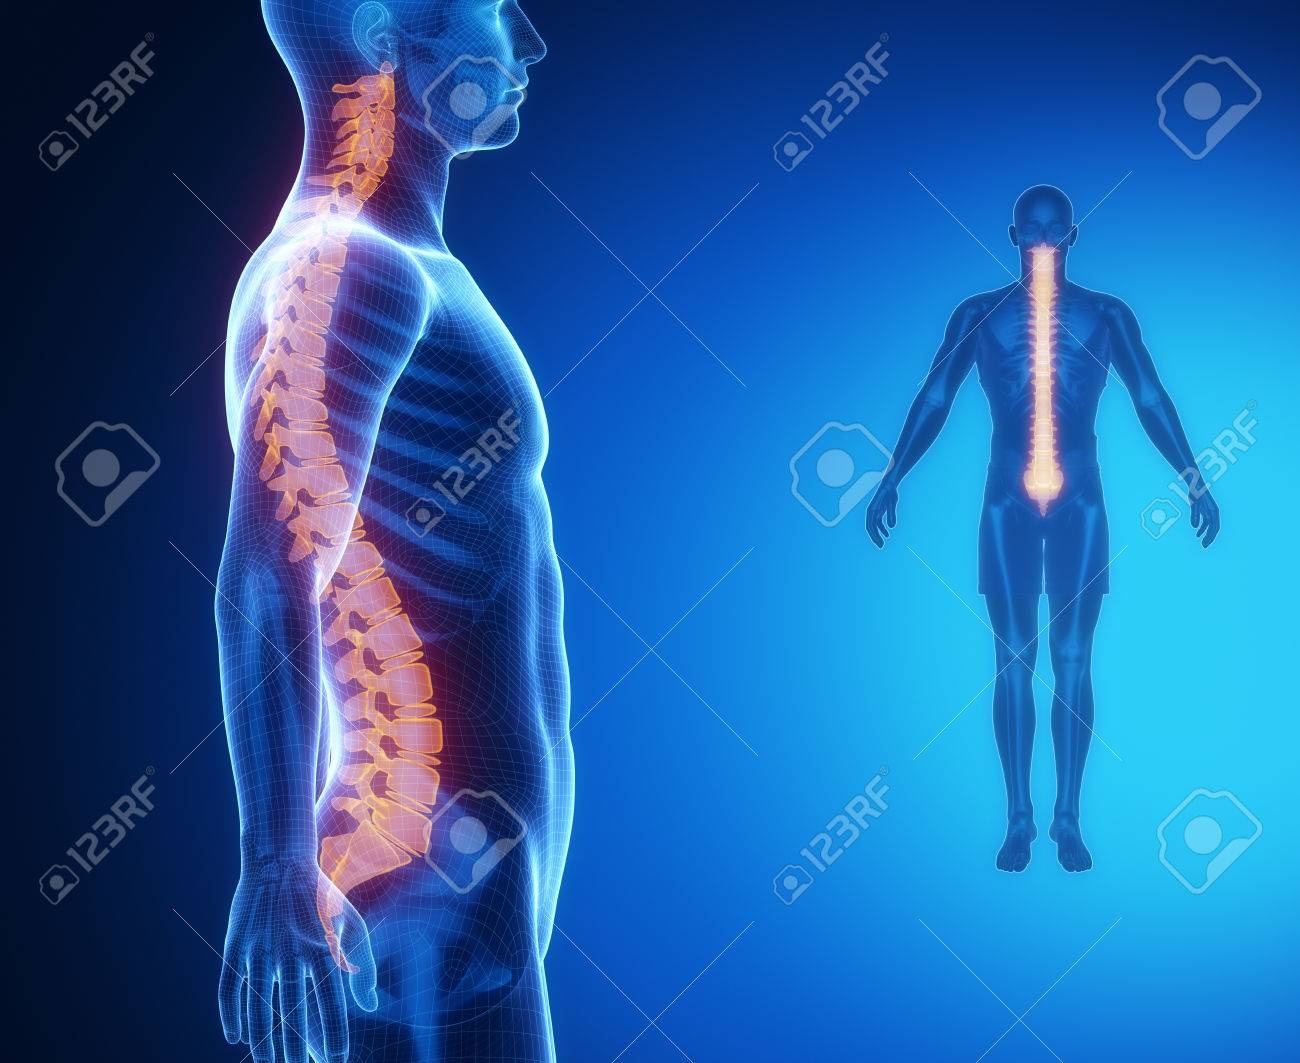 Asombroso Fundido Anatomía Grises Componente - Imágenes de Anatomía ...